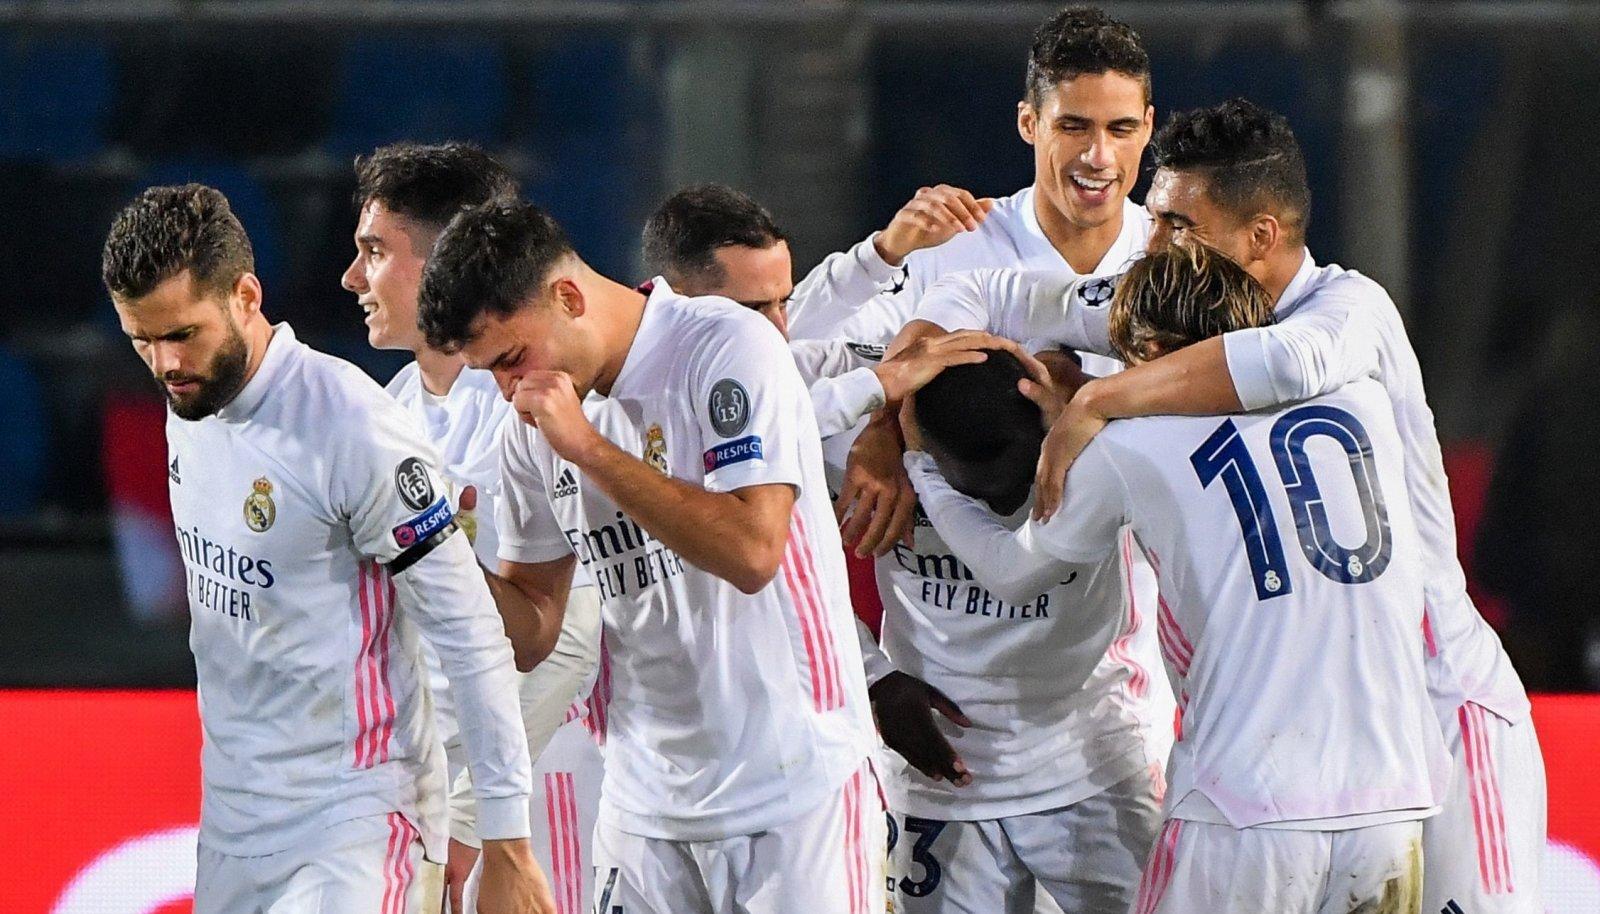 Madridi Reali mängijad võiduväravat tähistamas.